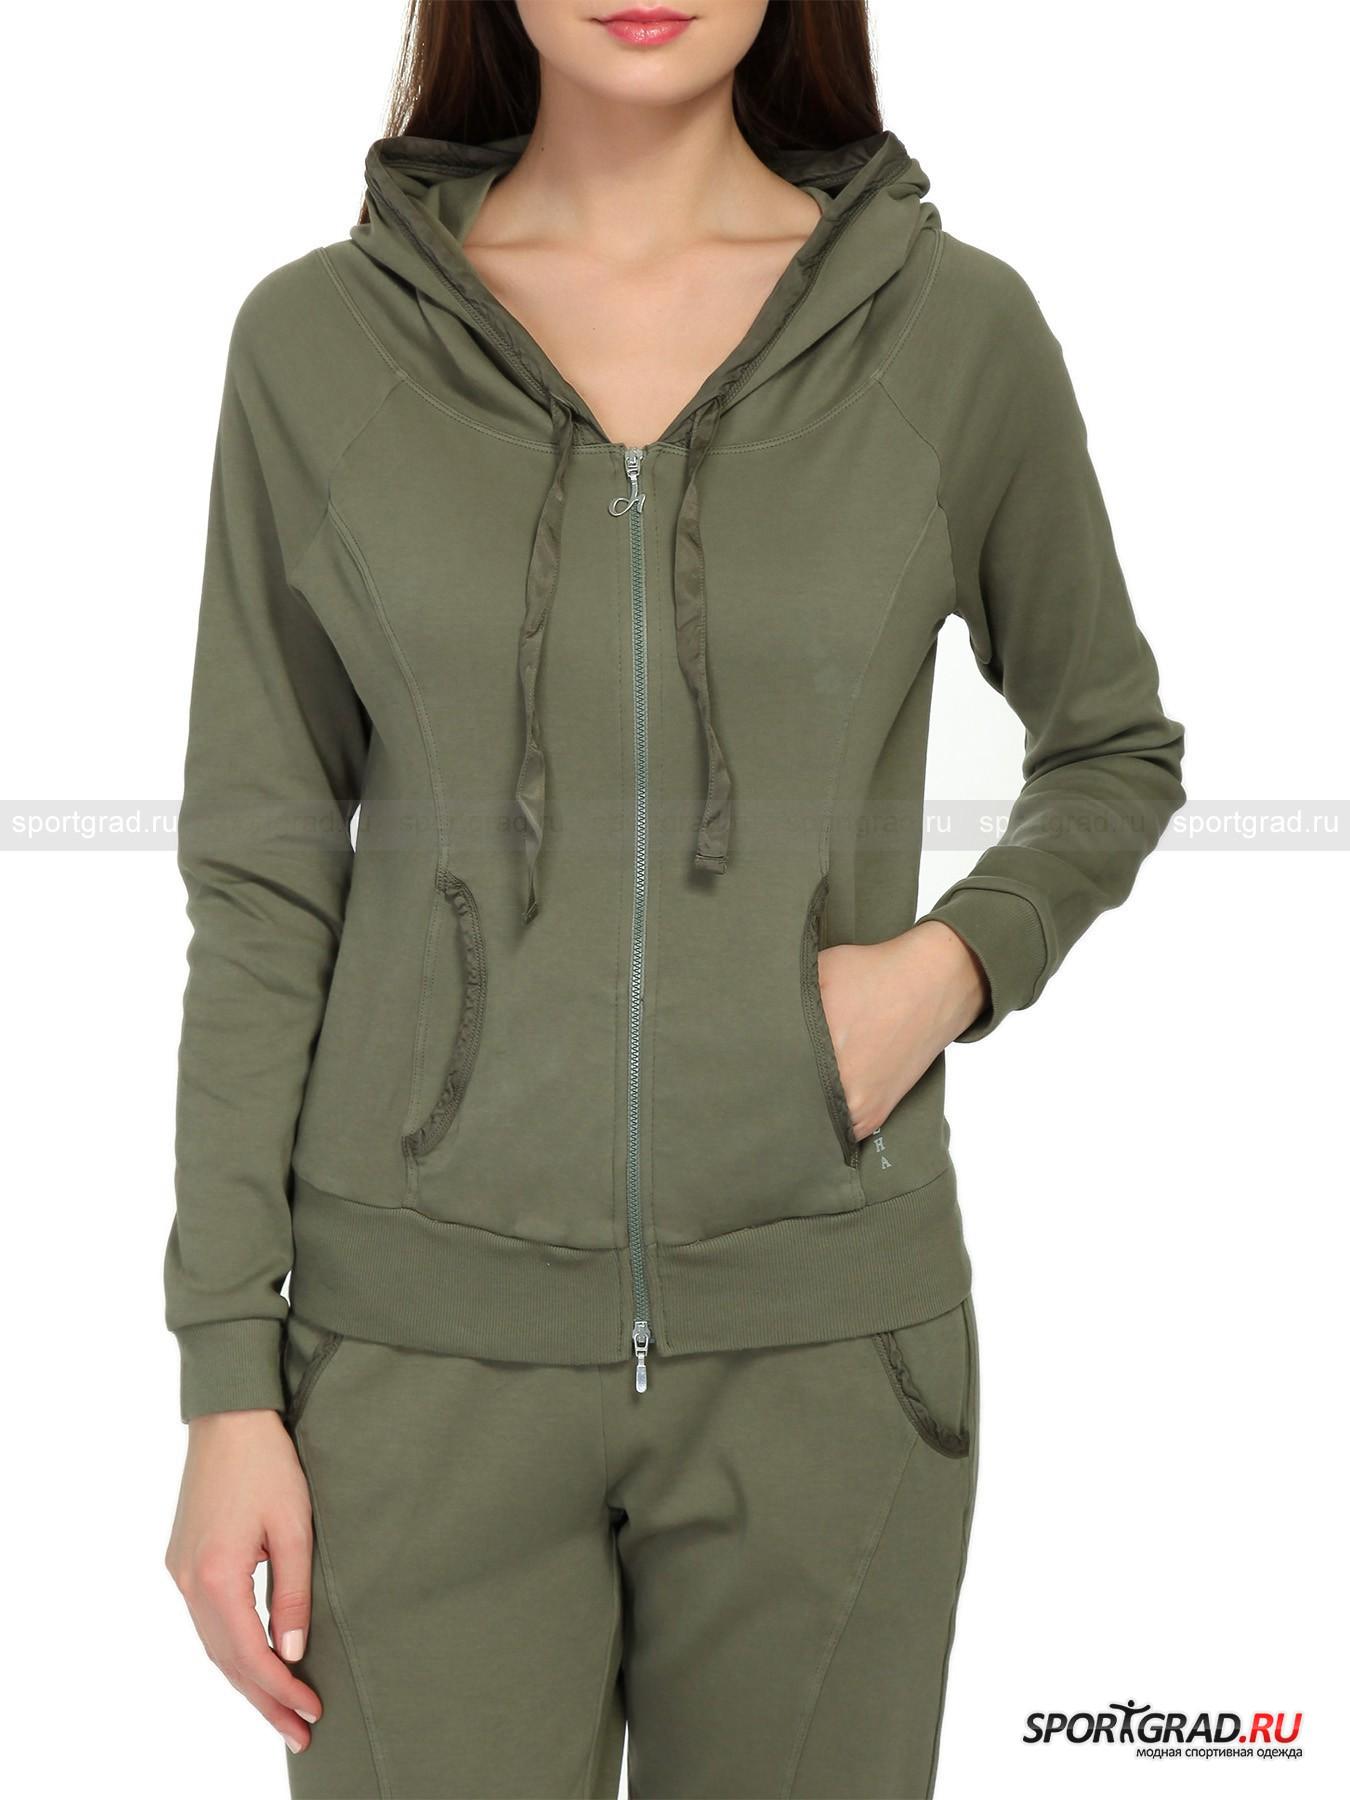 Толстовка женская на молнии Hooded full Swetshirt DEHAТолстовки<br>Толстовка в спортивном стиле с капюшоном и молнией по всей длине – в принципе не самый изящный предмет гардероба, предназначенный скорее для удобства и тепла, нежели для красоты. Но дизайнеры итальянского бренда Deha прекрасно умеют создавать из базовых вещей подлинные шедевры, подчеркивающие женственность своих владелиц. Так и эта толстовка Hooded full Swetshirt DEHA смотрится просто потрясающе благодаря особому крою, позволяющему модели садиться точно по фигуре, подчеркивая аппетитные изгибы тела. Еще одна интересная деталь -  отделка капюшона и вертикальных карманов и регулирующие ленточки из ткани с большим процентом содержания материала купро, что придает ей гладкую глянцевую фактуру.<br><br>Особенности модели:<br>- большой капюшон с регулирующими лентами;<br>- эластичный притачной пояс и манжеты из трикотажа;<br>- два кармана спереди;<br>- молния с двумя бегунками, верхний выполнен в виде логотипа марки;<br>- рукава-реглан;<br>- шлевка с надписью DEHA на спинке изделия и та же надпись около левого кармана<br><br>Пол: Женский<br>Возраст: Взрослый<br>Тип: Толстовки<br>Рекомендации по уходу: стирка в теплой воде до 30 С; не отбеливать; гладить слегка нагретым утюгом (температура до 120 C); только сухая чистка; нельзя выжимать и сушить в стиральной машине<br>Состав: основное изделие 100% хлопок